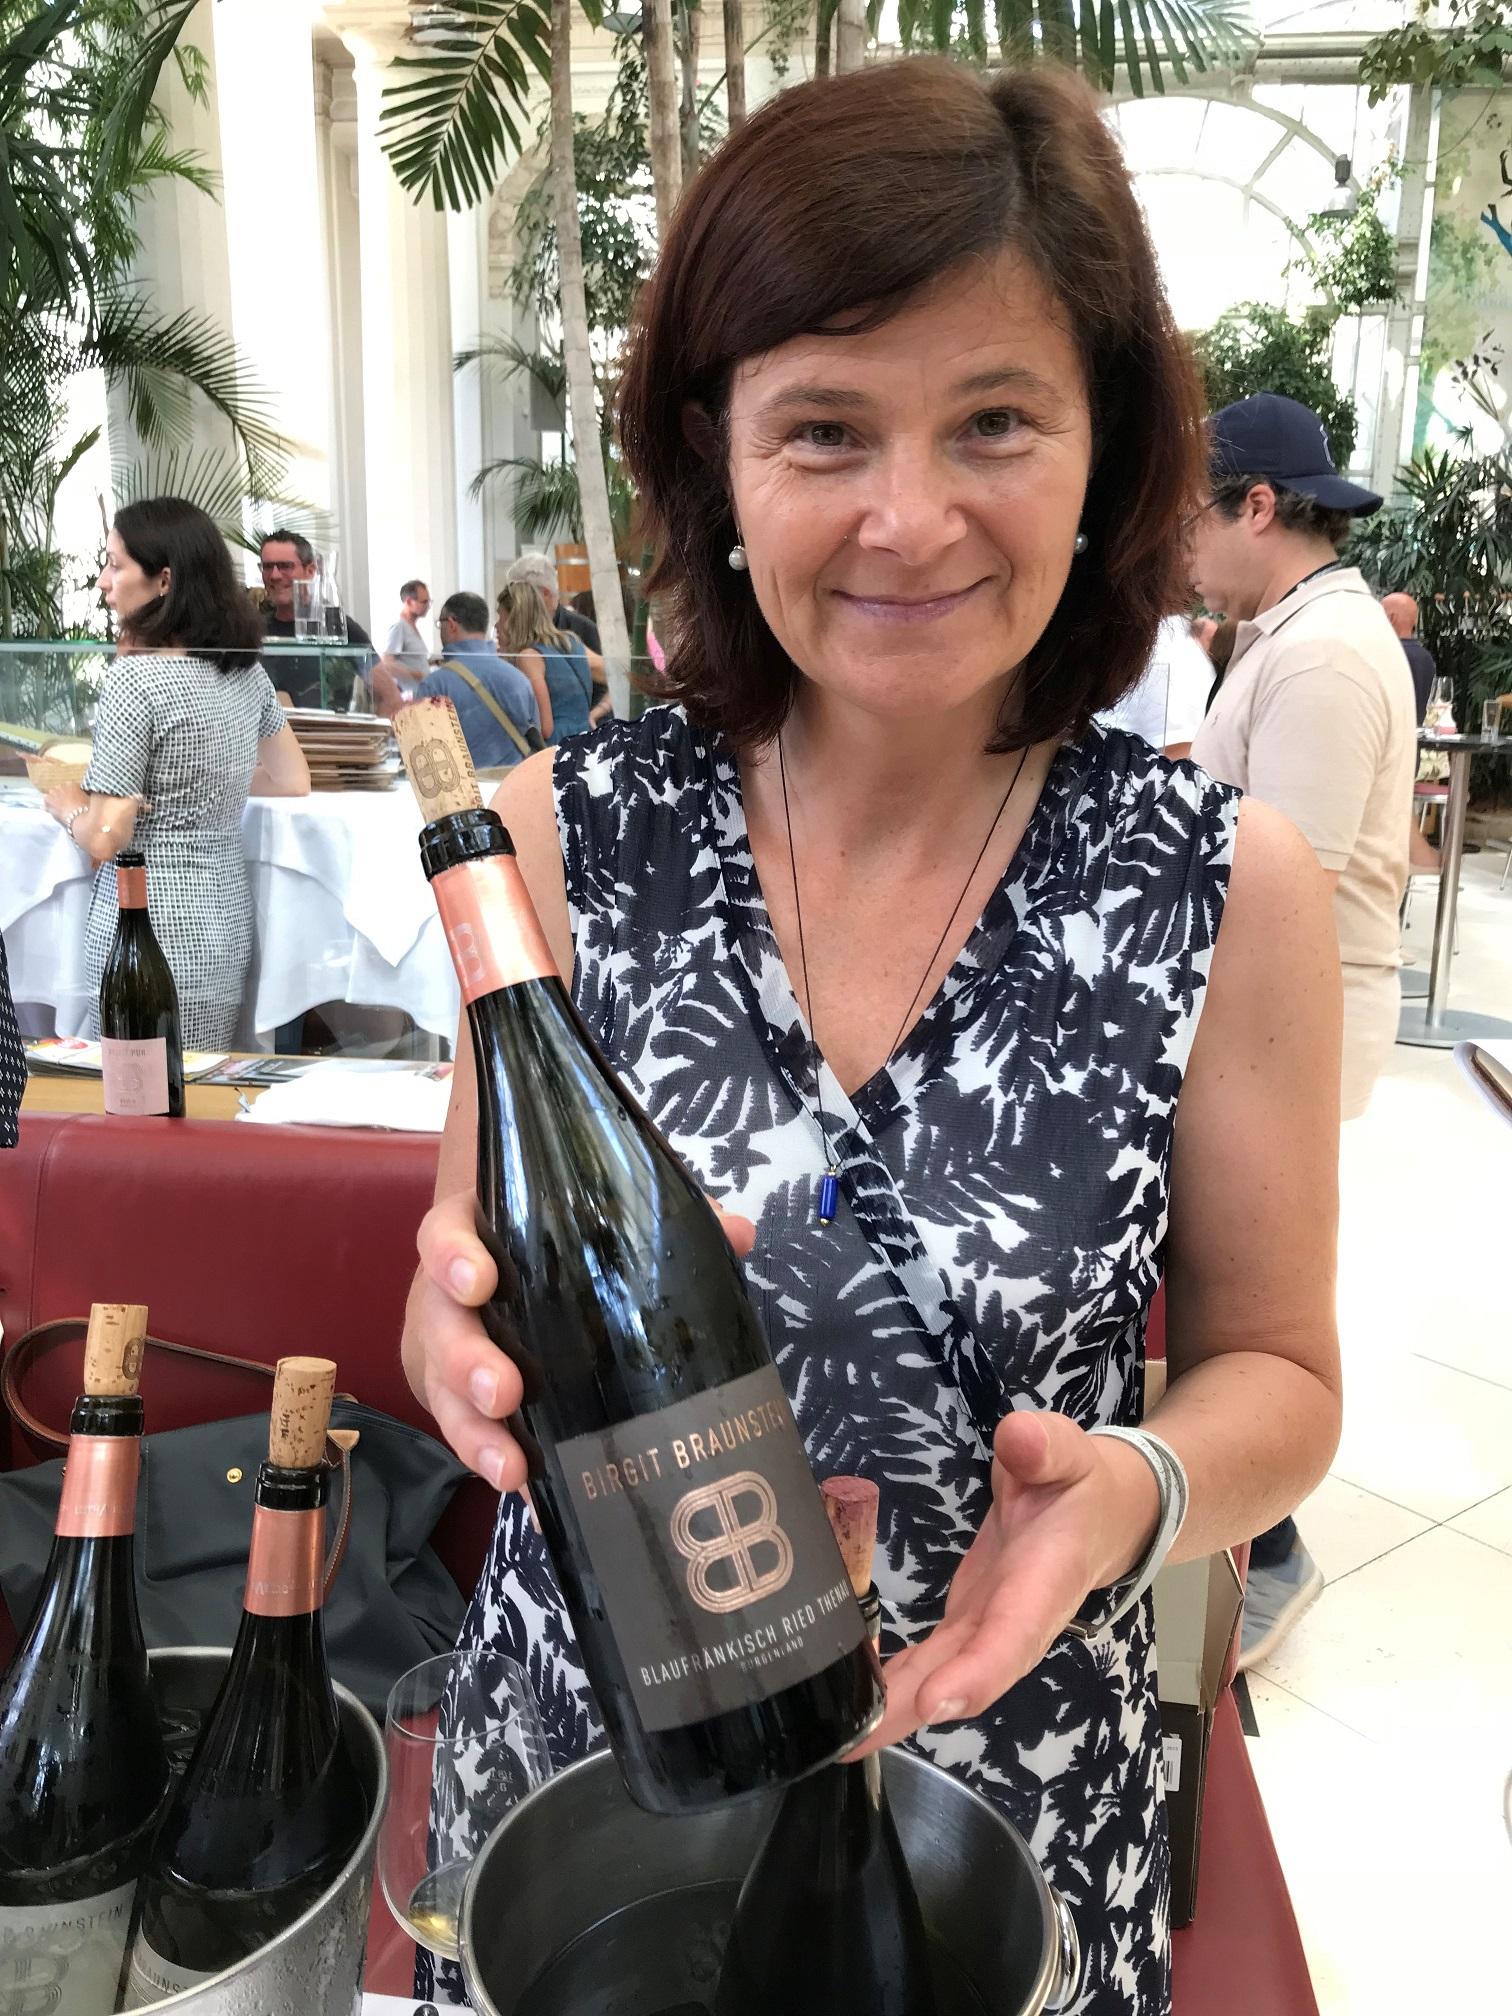 Birgit Braunsteins nach bio-dynamischer Methode entstehenden Weine begeistern durch intensive, vielschichtige Aromatik, Harmonie und langem, würzigen Abgang.